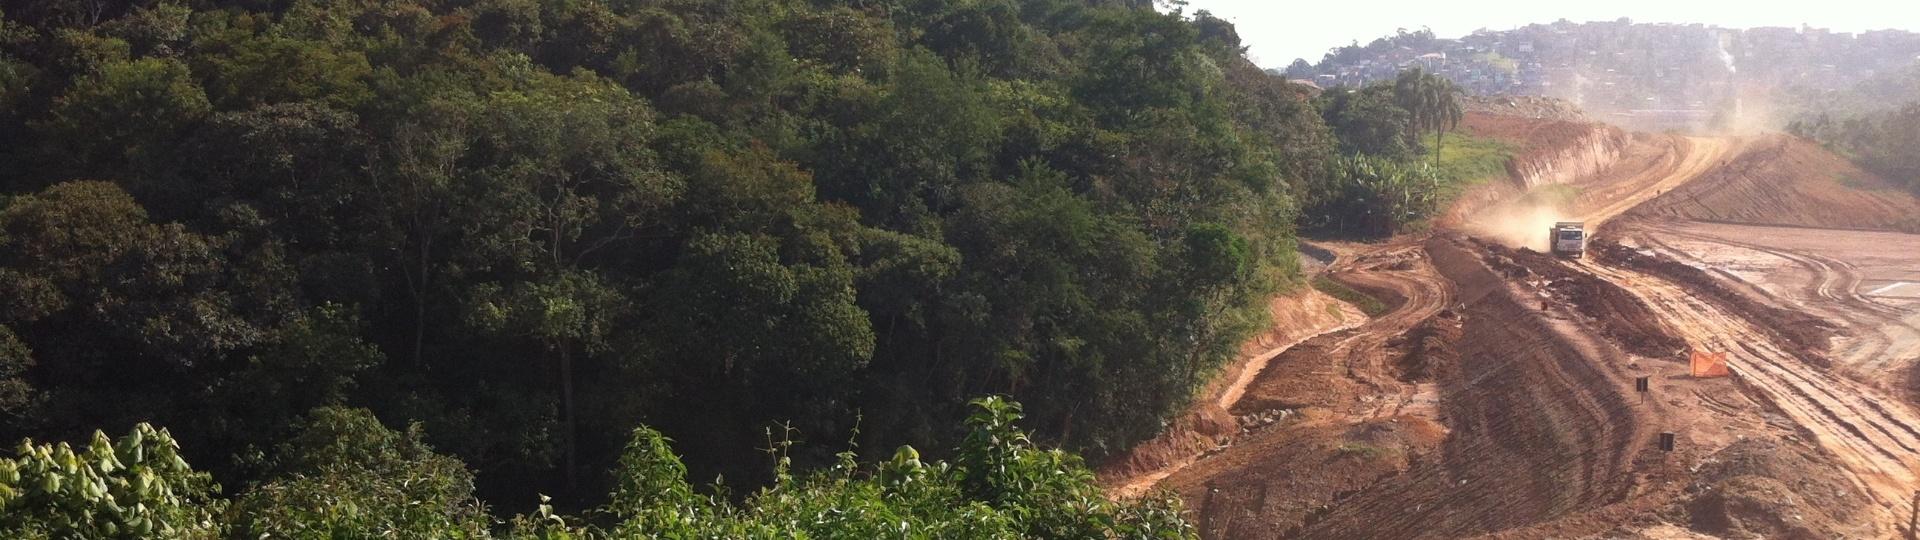 Imagem das obras no lote 5 do Rodoanel Norte. O cronograma para término das obras, agora marcado para o primeiro semestre de 2017, foi alterado pela quarta vez